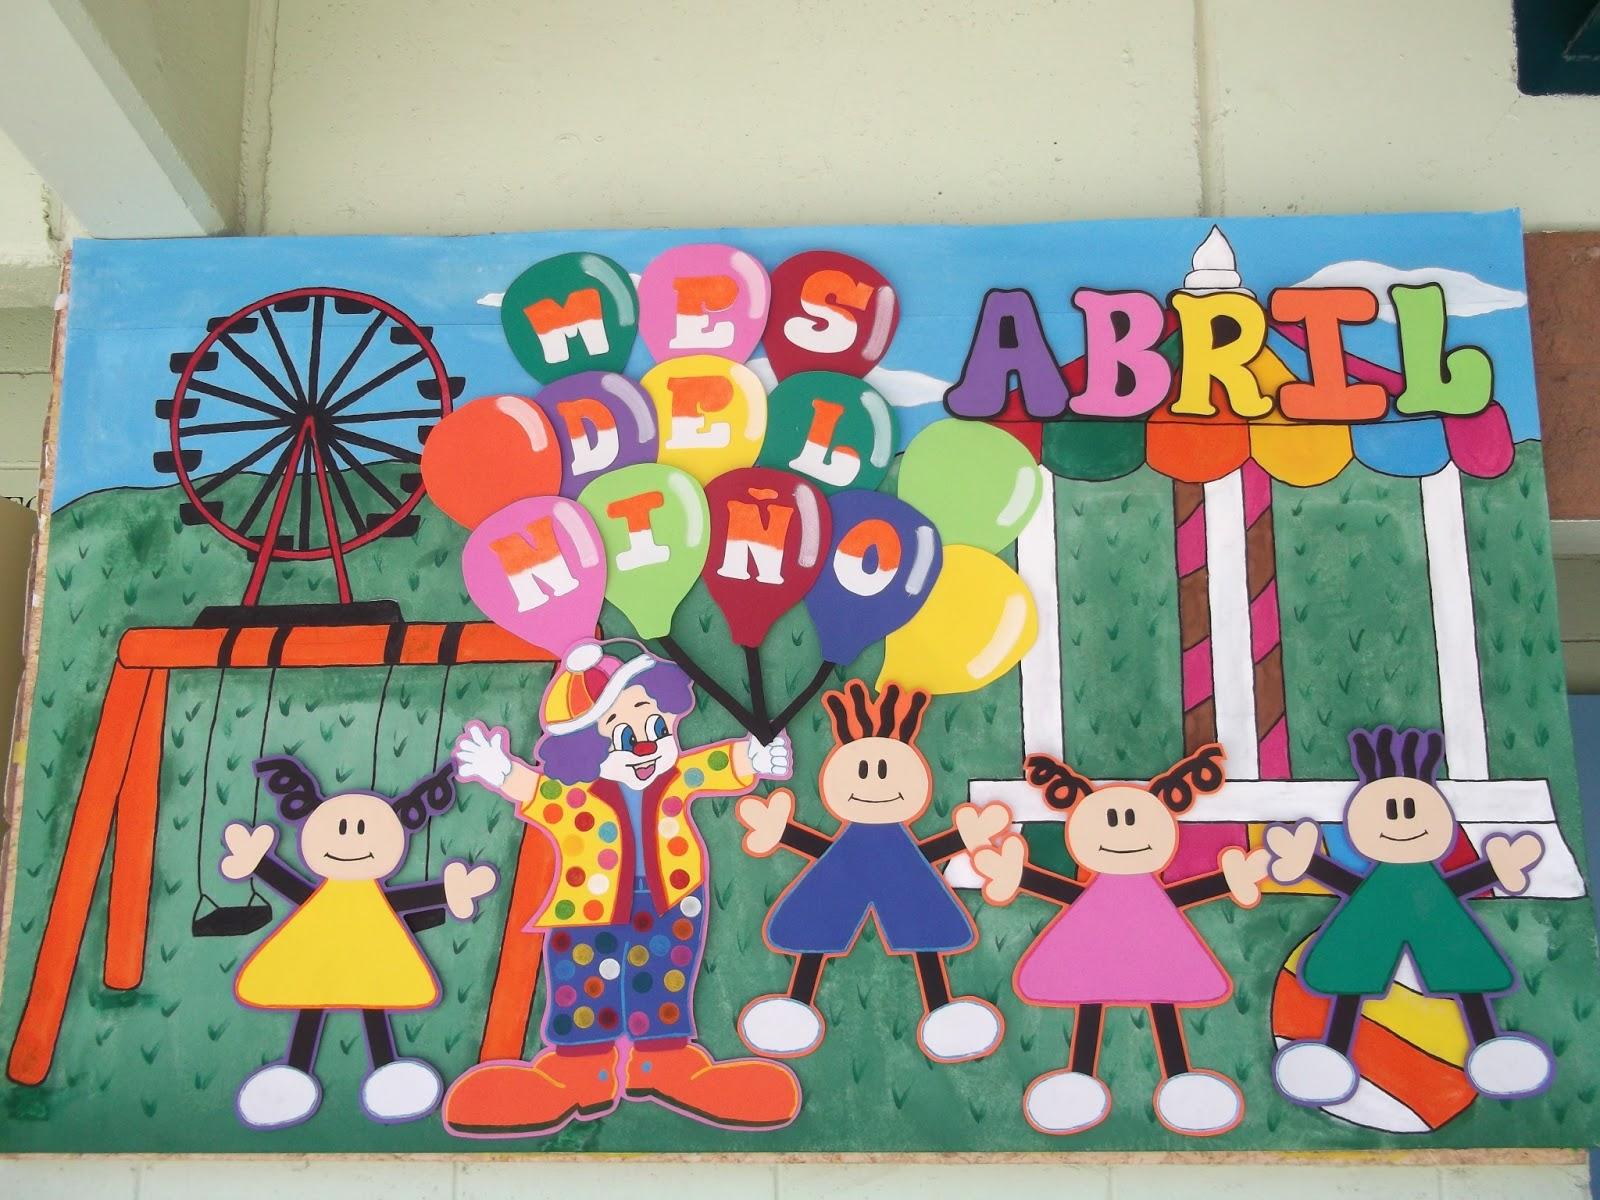 Decoraciones infantiles the teacher festejos para los ni os for Decoracion ninos